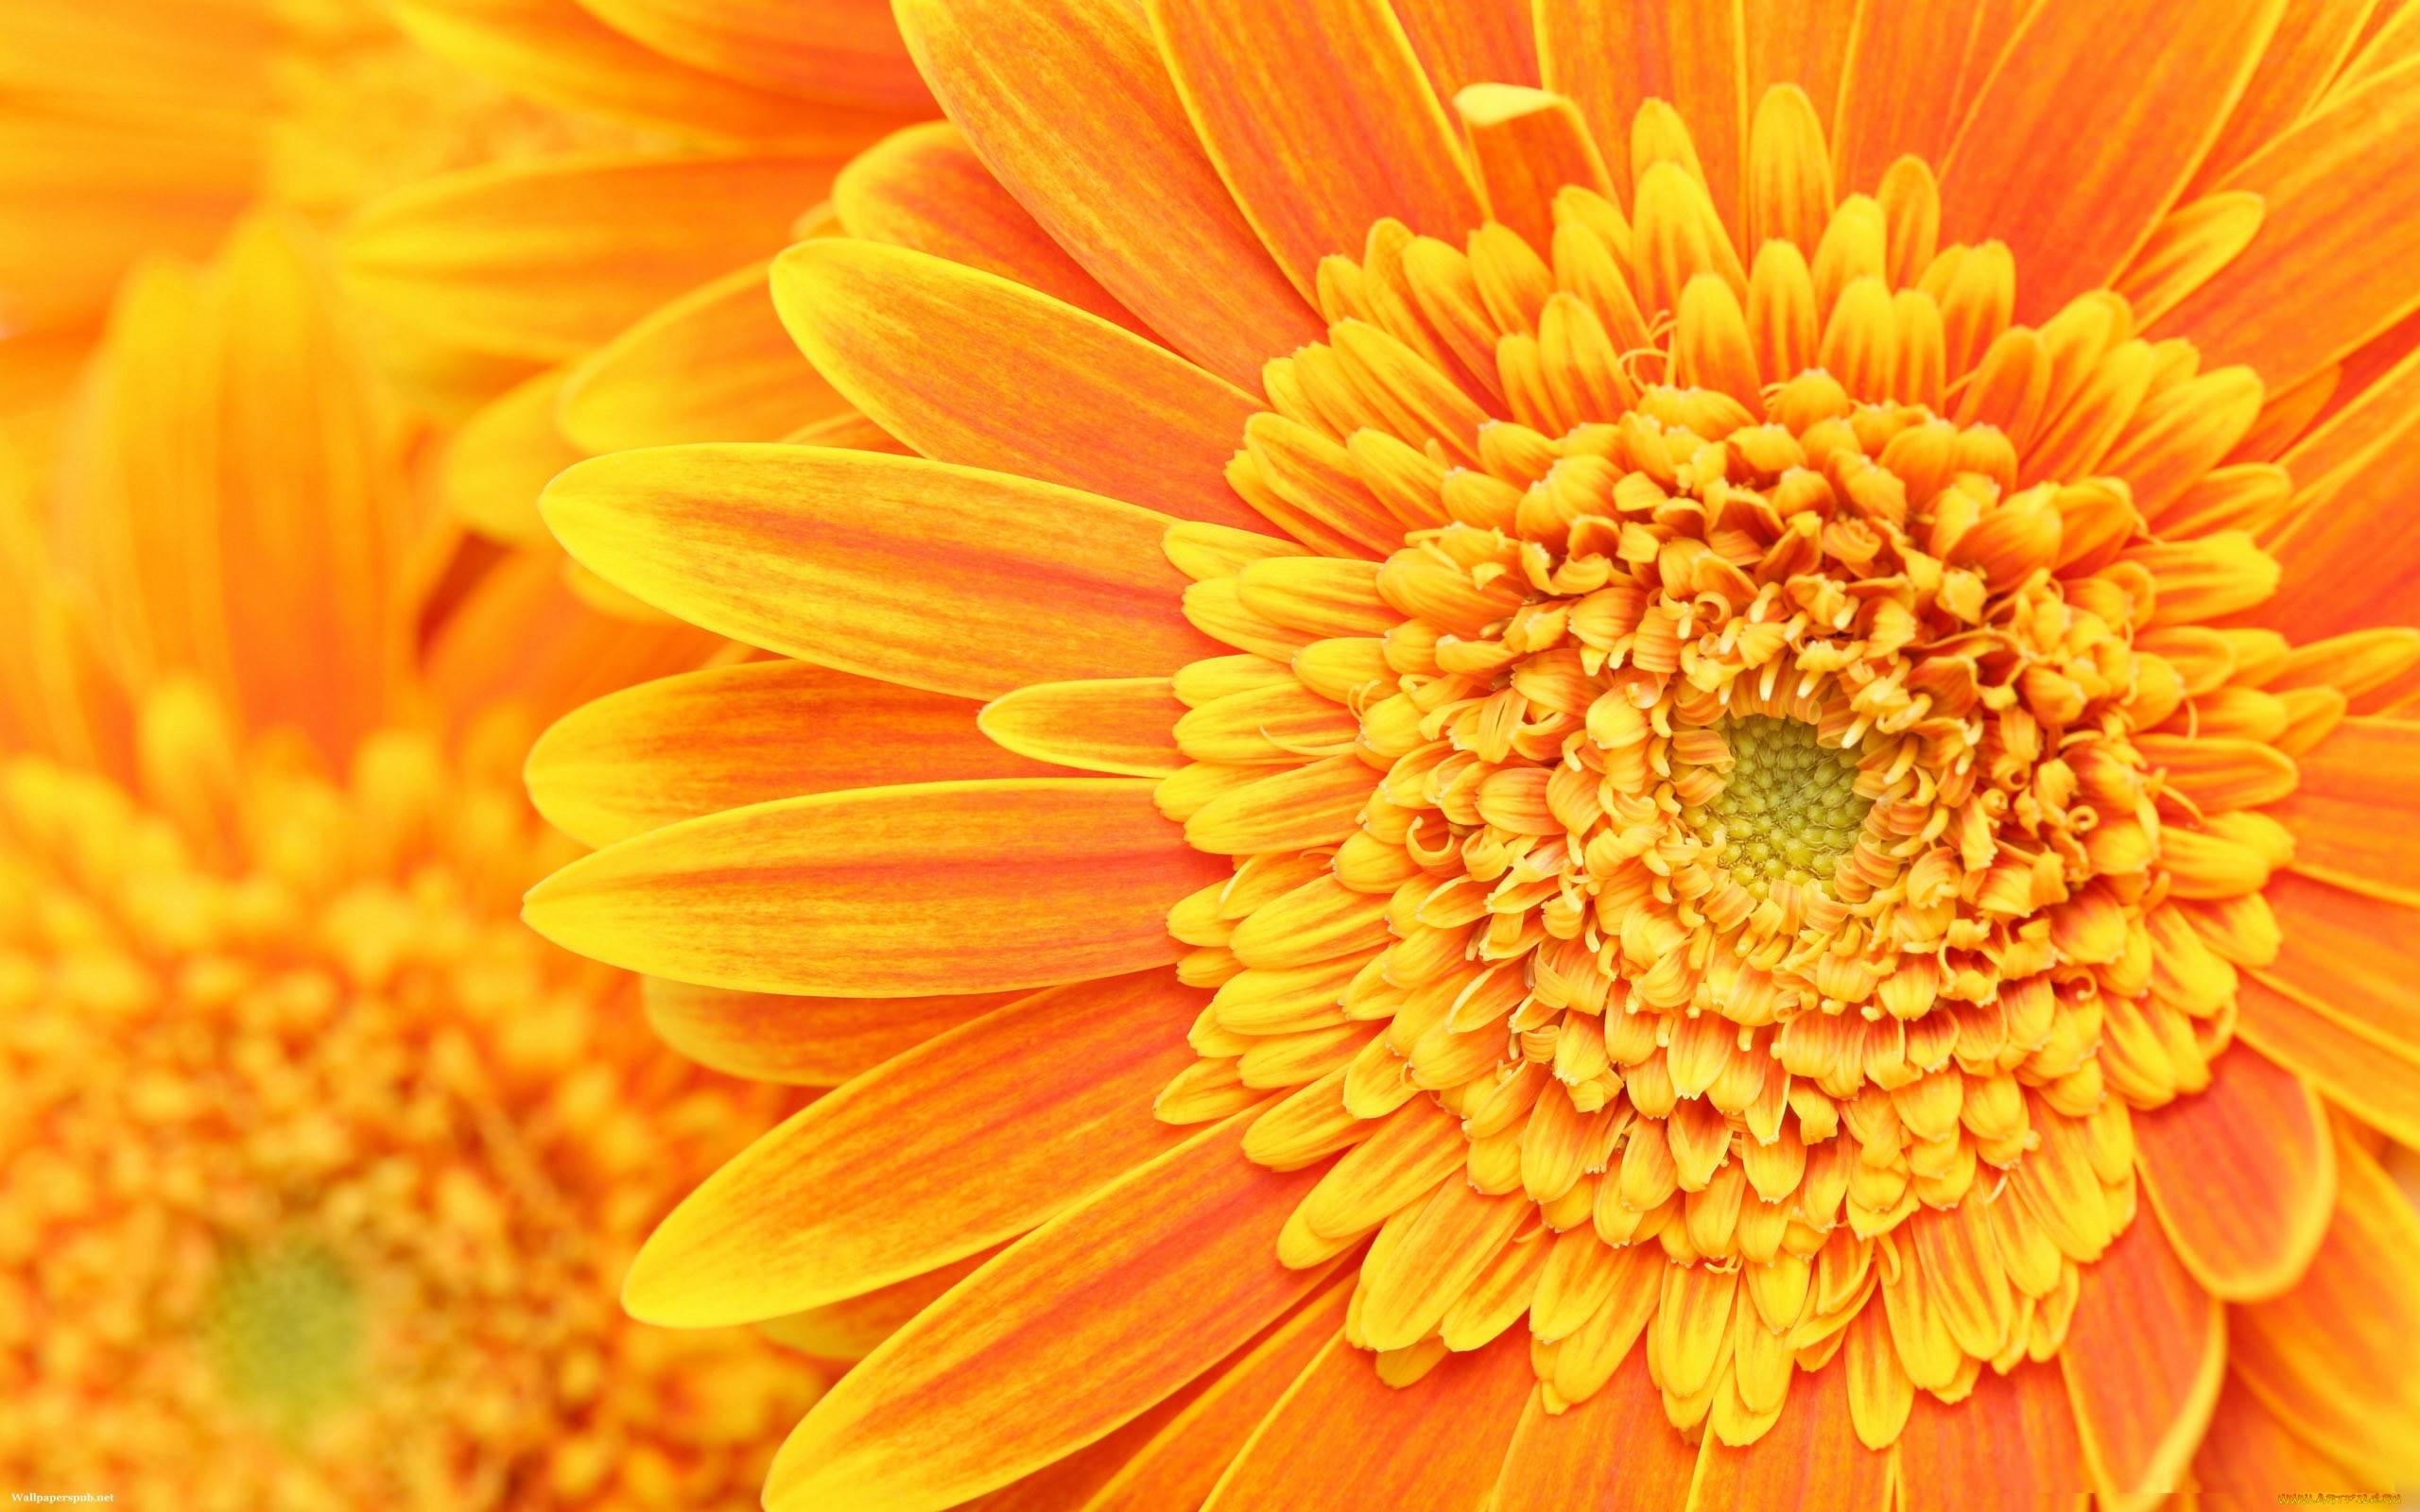 картинки оранжевый фон цветы для разбавления